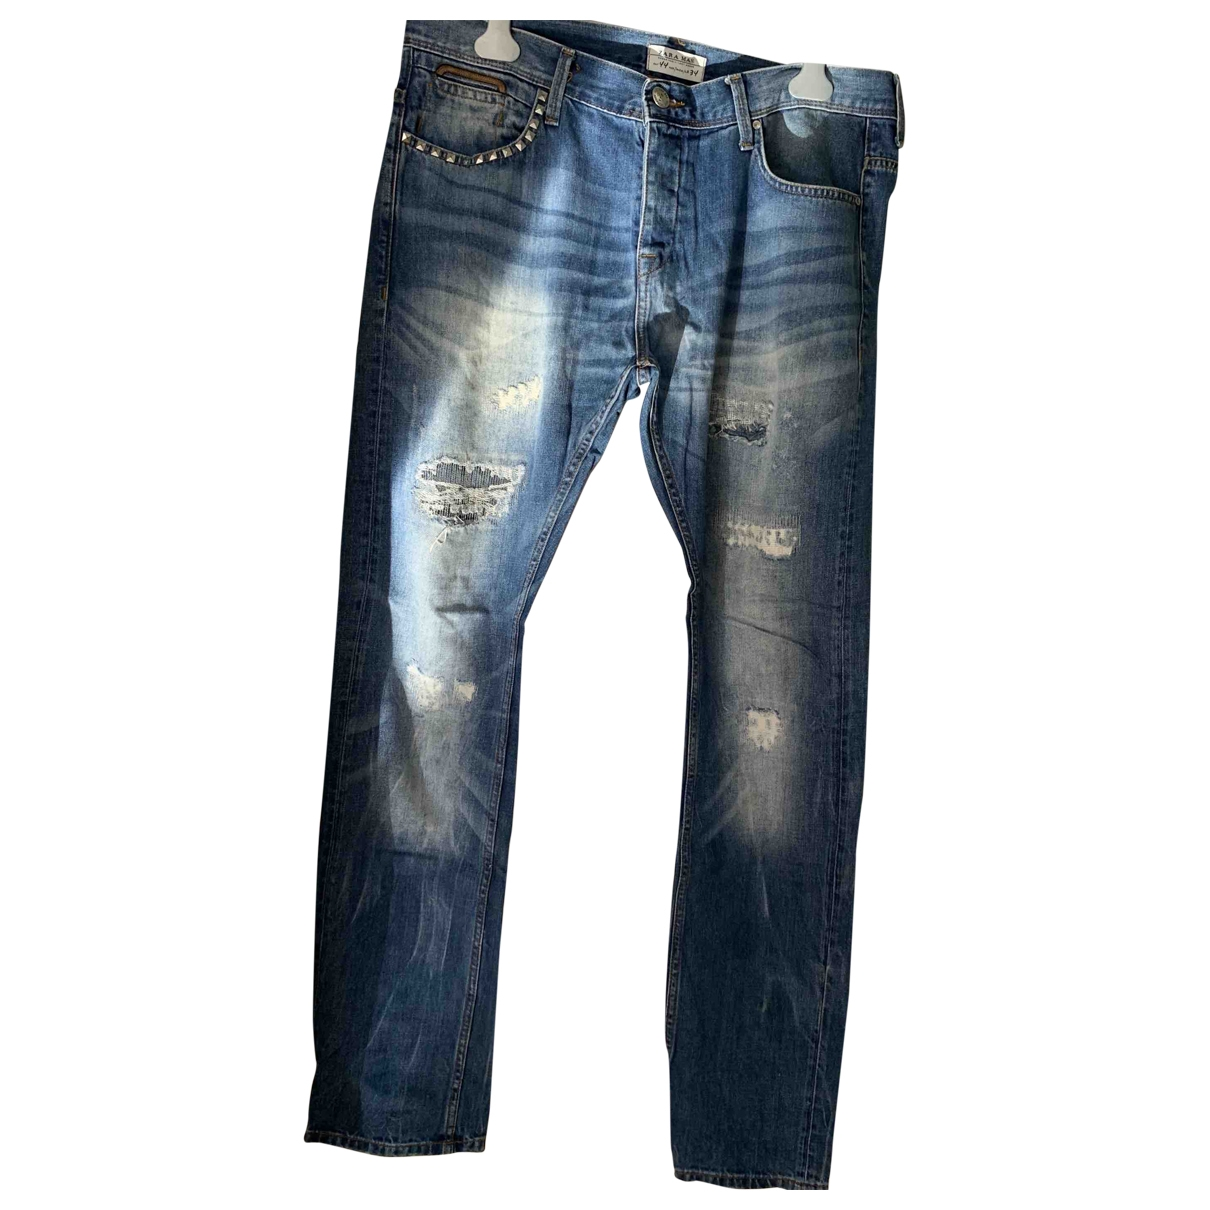 Zara \N Blue Denim - Jeans Trousers for Men 44 FR